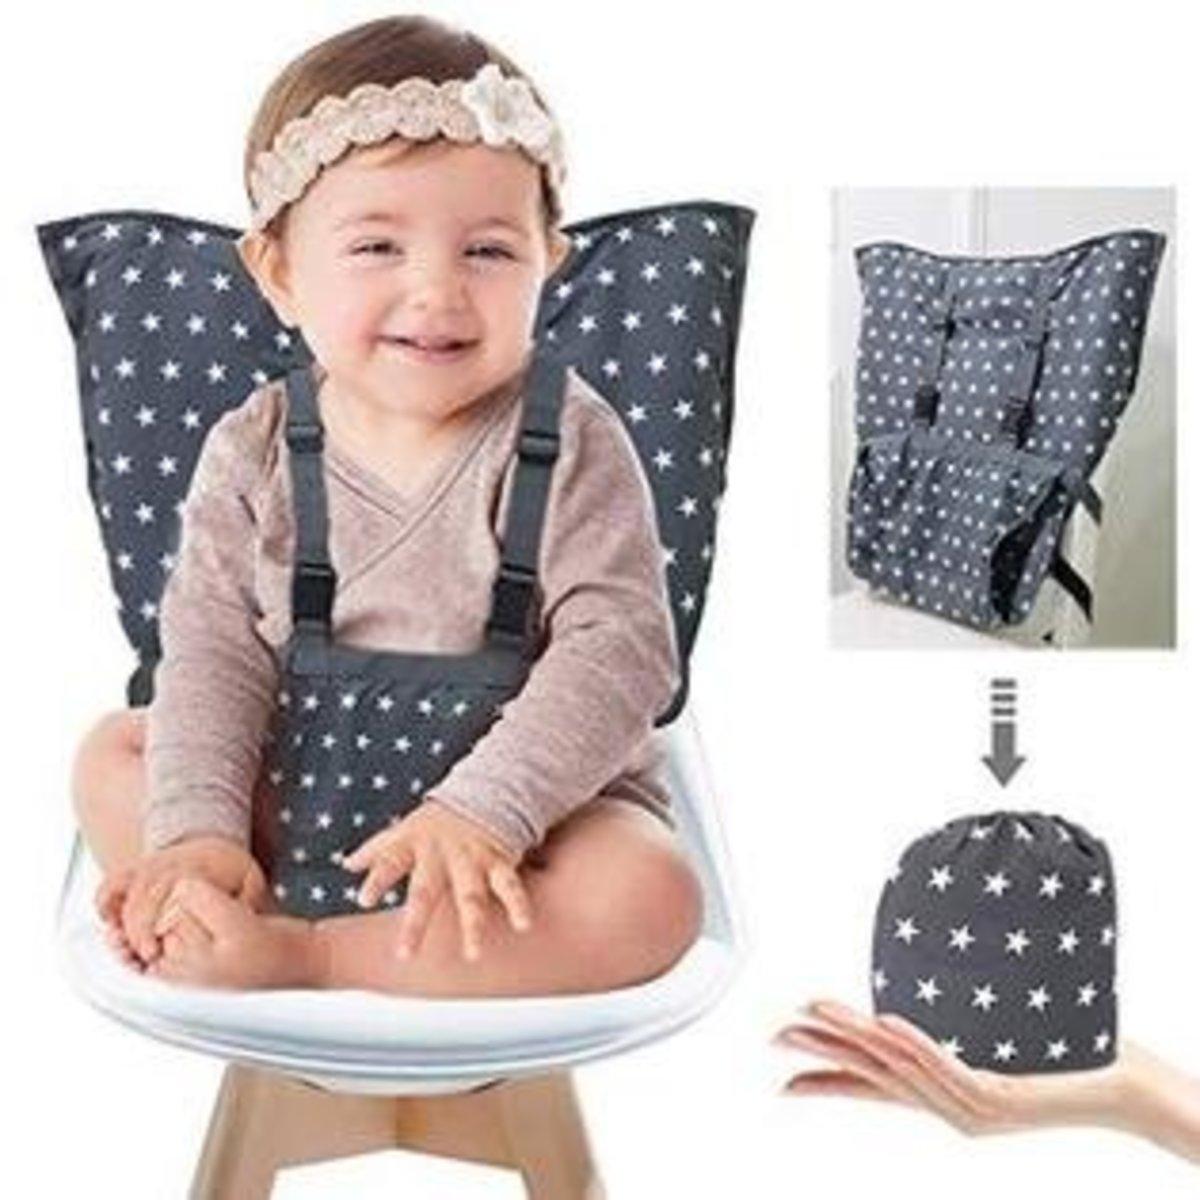 嬰兒安全便攜座椅/幼兒安全布餐椅套-大部份餐椅可用 (星星)